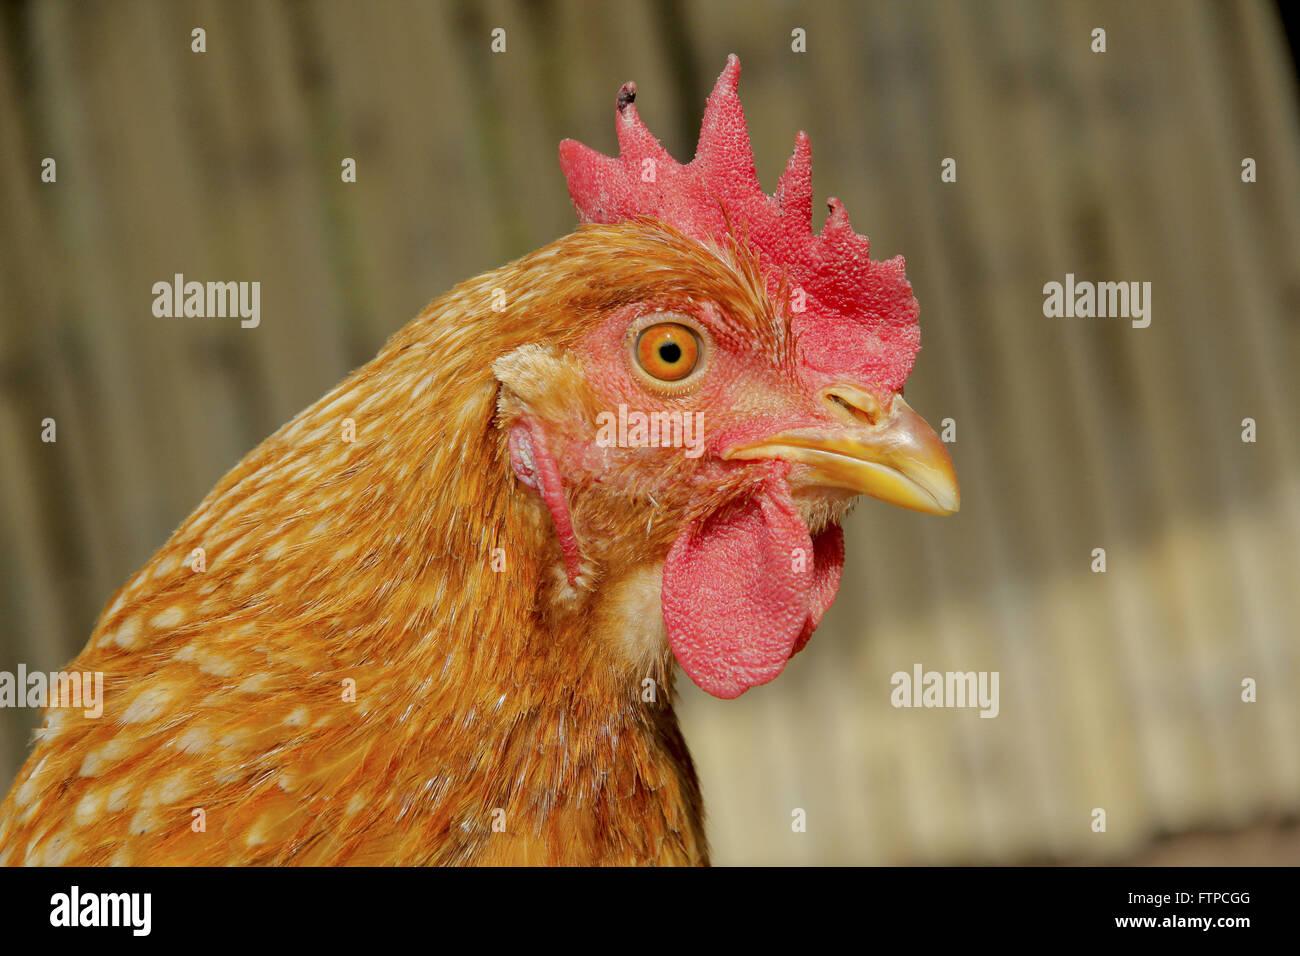 Rooster - Gallus gallus - Stock Image